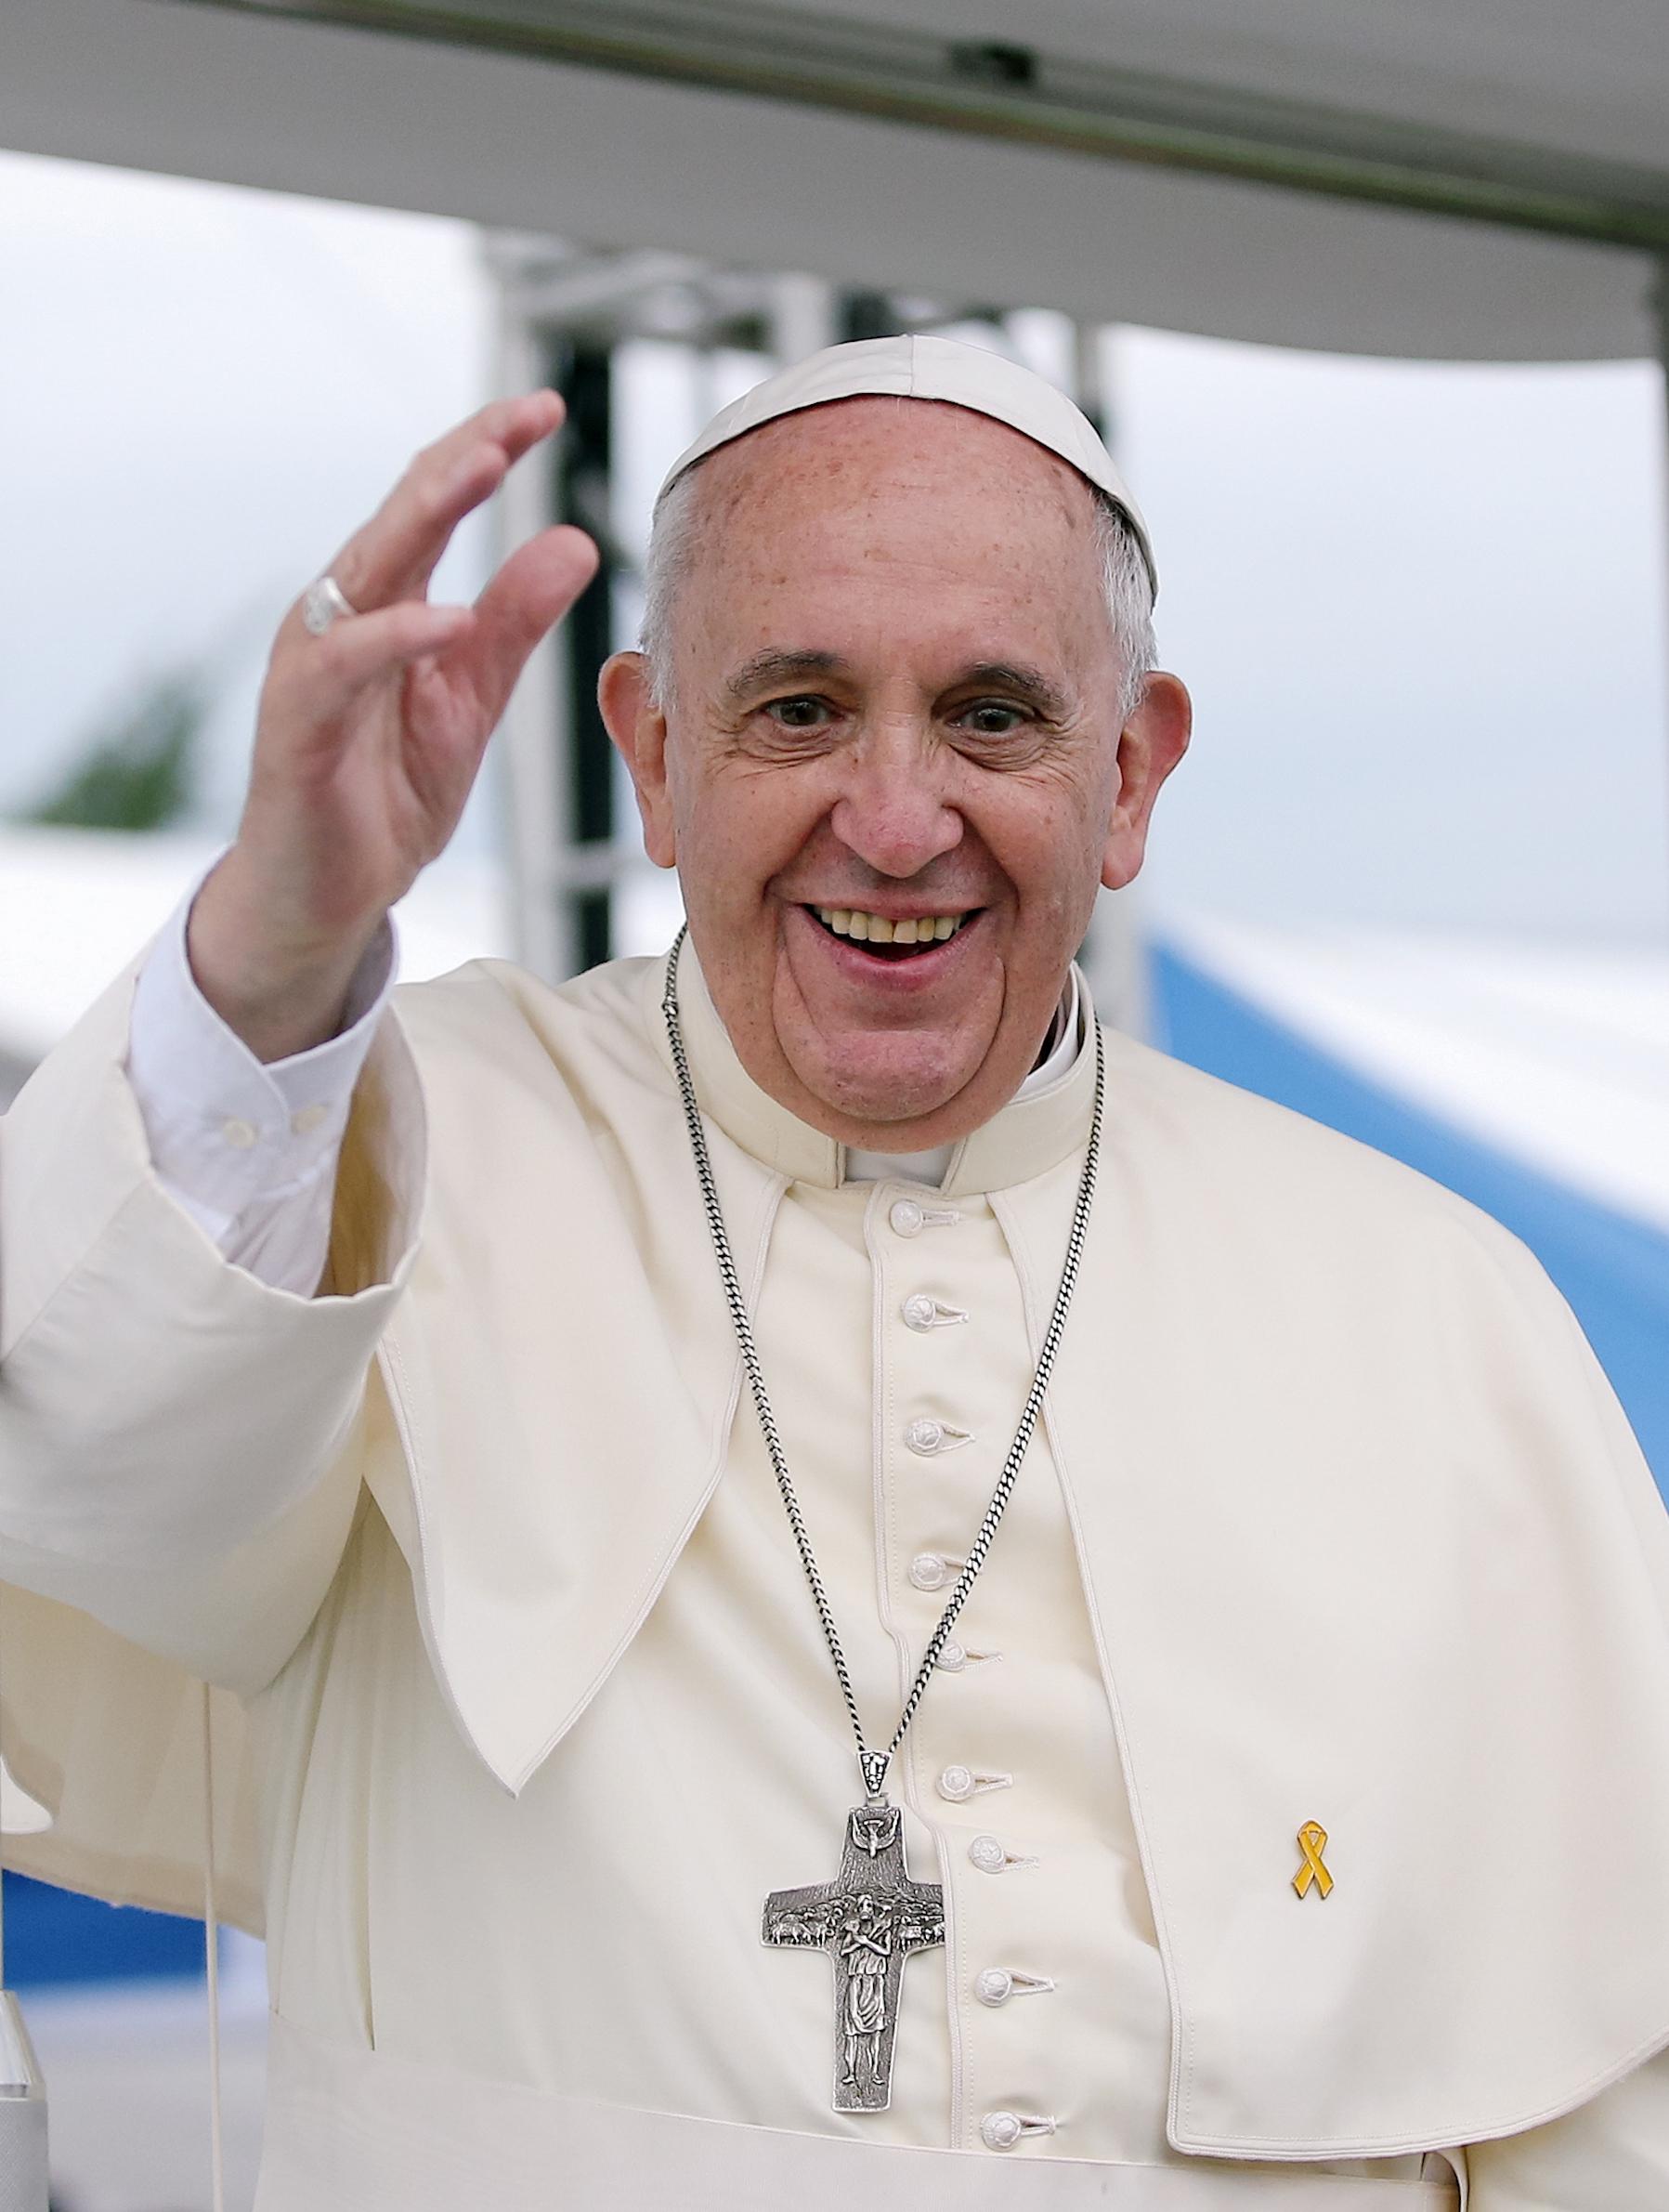 """Papa Francisc a fost vaccinat anti-covid! """"Toată lumea ar trebui să ia vaccinul! Trebuie să facem asta!"""""""